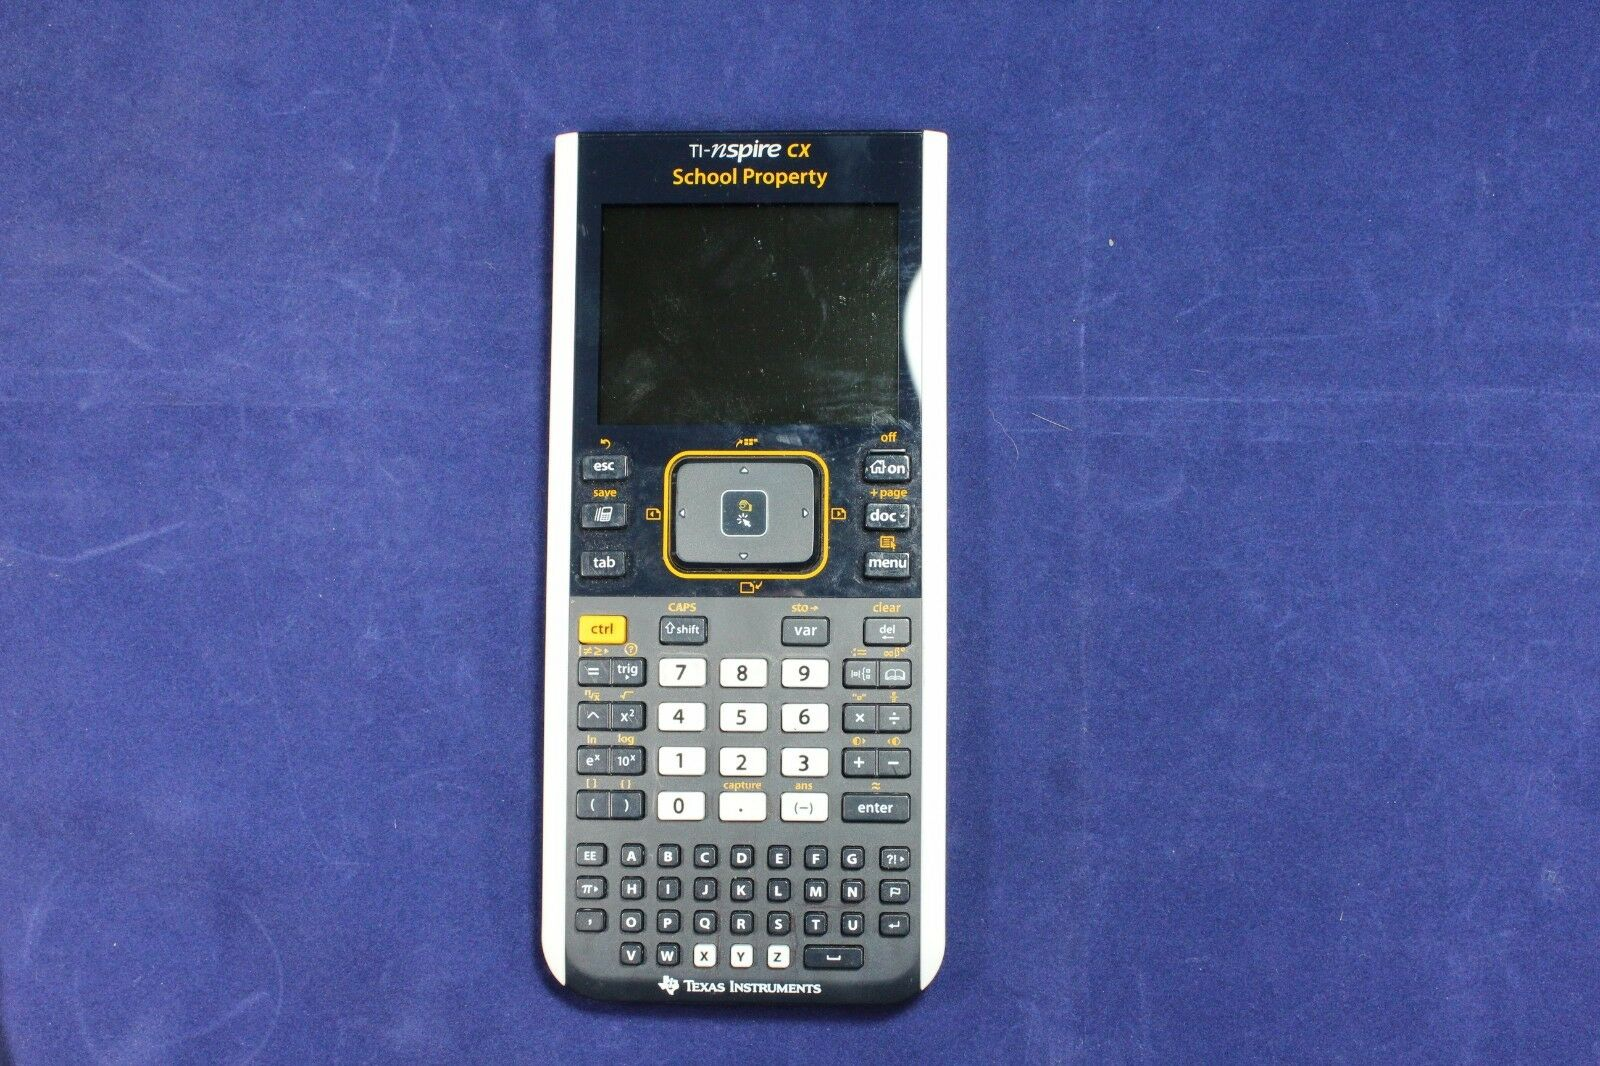 ti-nspire cx graphic calculato... Image 3